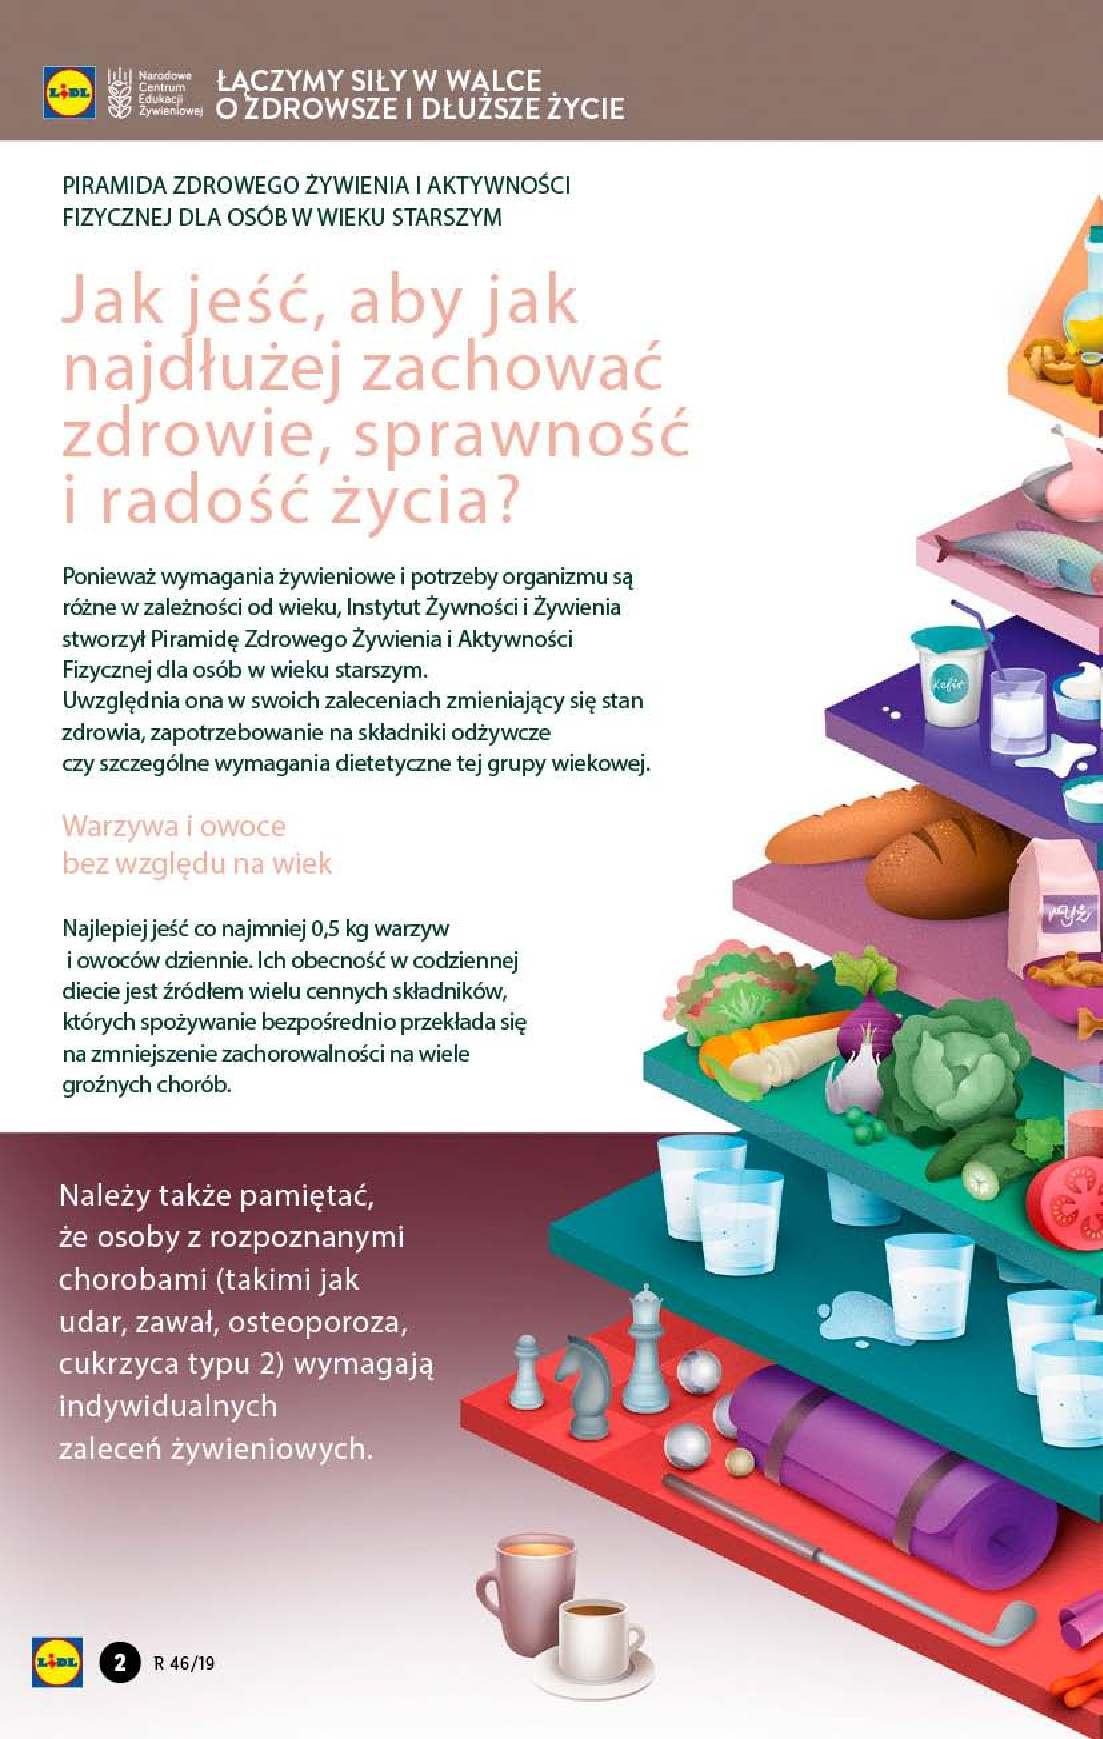 Gazetka promocyjna Lidl do 13/11/2019 str.2